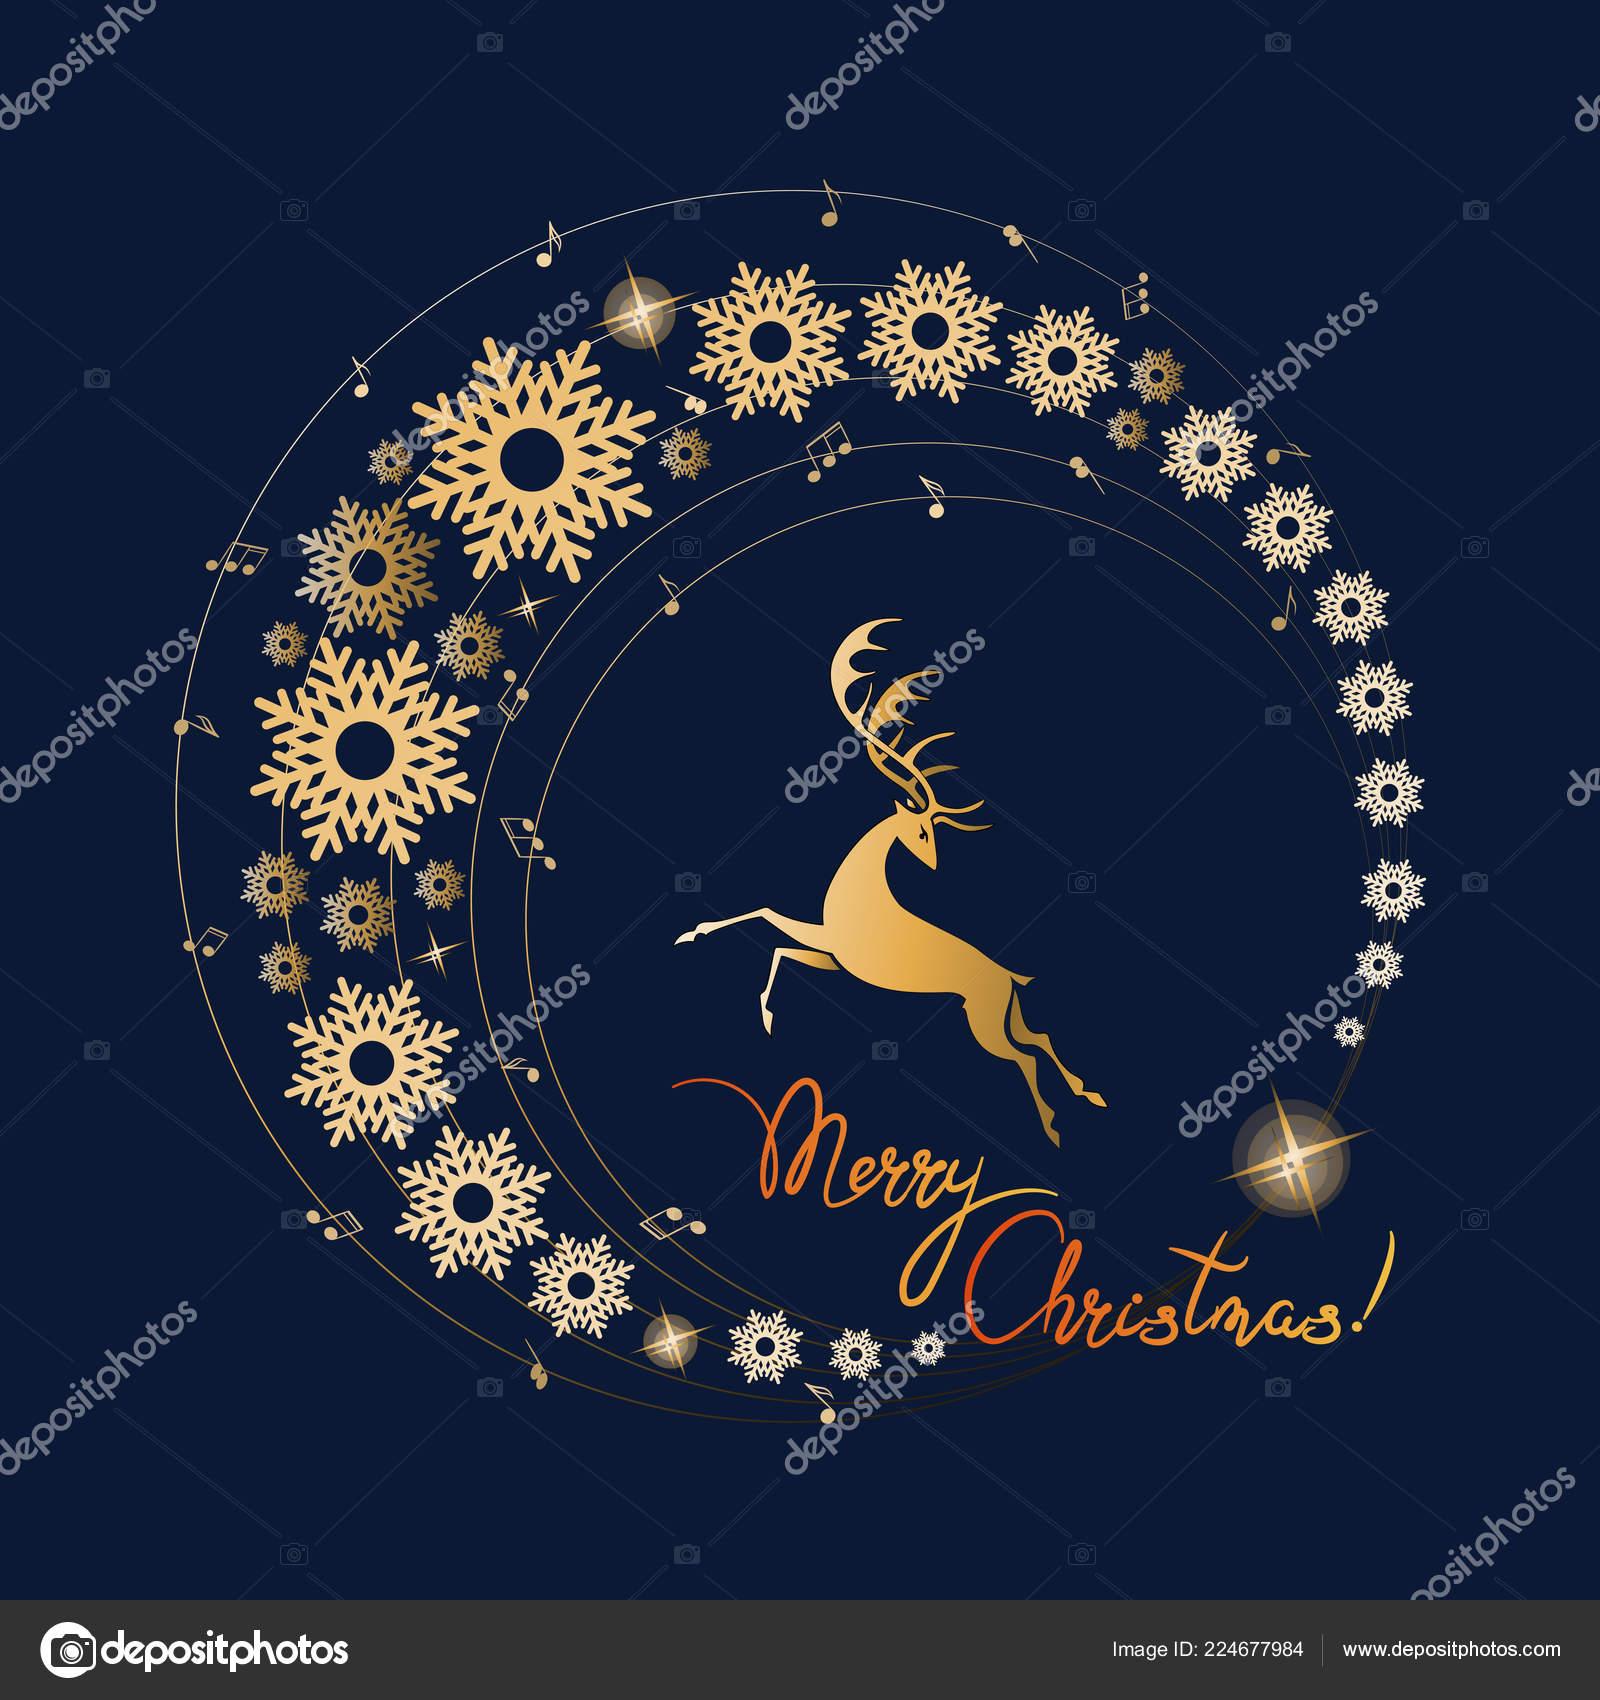 Frohe Weihnachten Musik.Edle Hirsch Goldenen Kreis Der Musik Und Schneeflocken Frohe